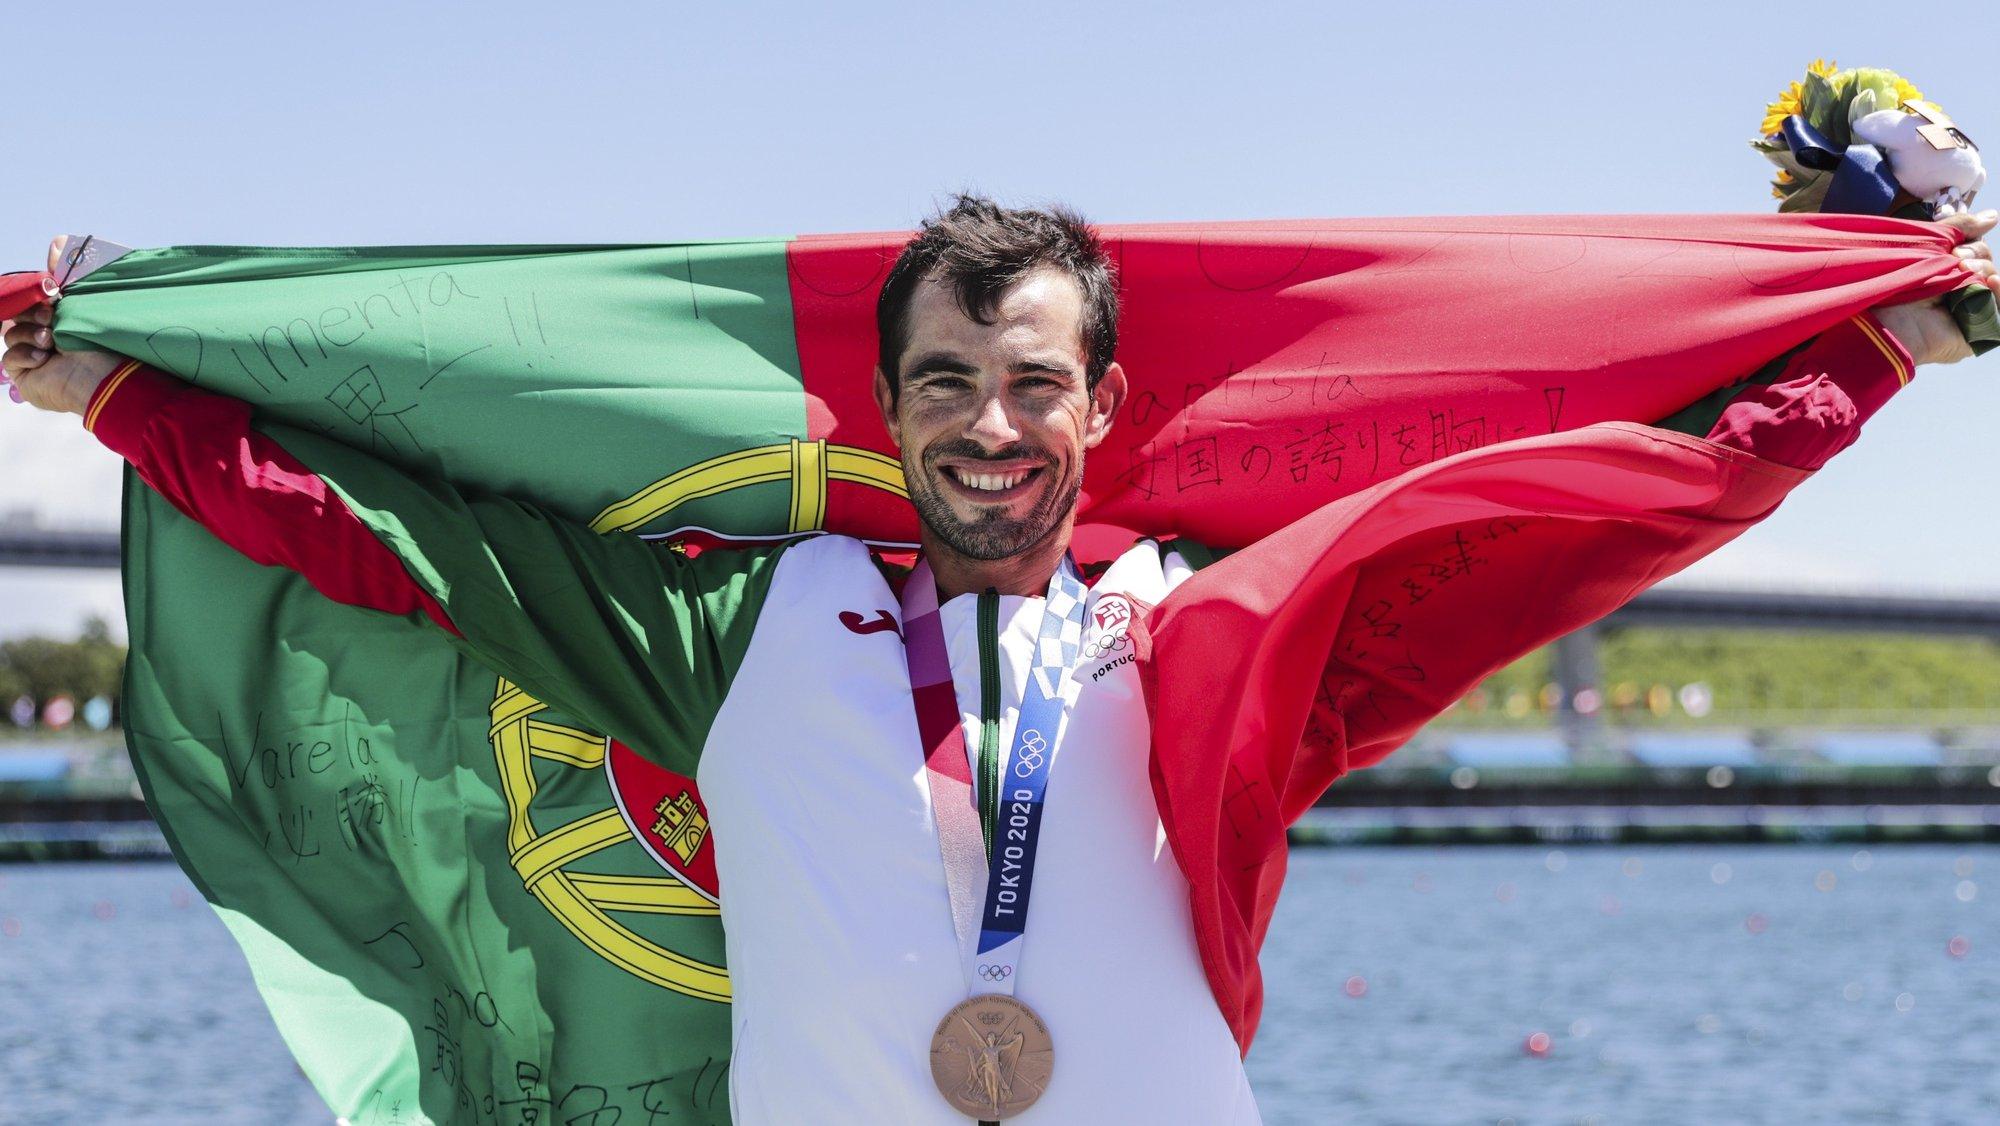 O canoista português Fernando Pimenta comemora a sua medalha de bronze de terceiro lugar na final de Caiaque K1 1000 metros dos Jogos Olimpicos de Tóquio2020 no Sea Forest Waterways de Tóquio, 03 de agosto de 2021. TIAGO PETINGA/LUSA